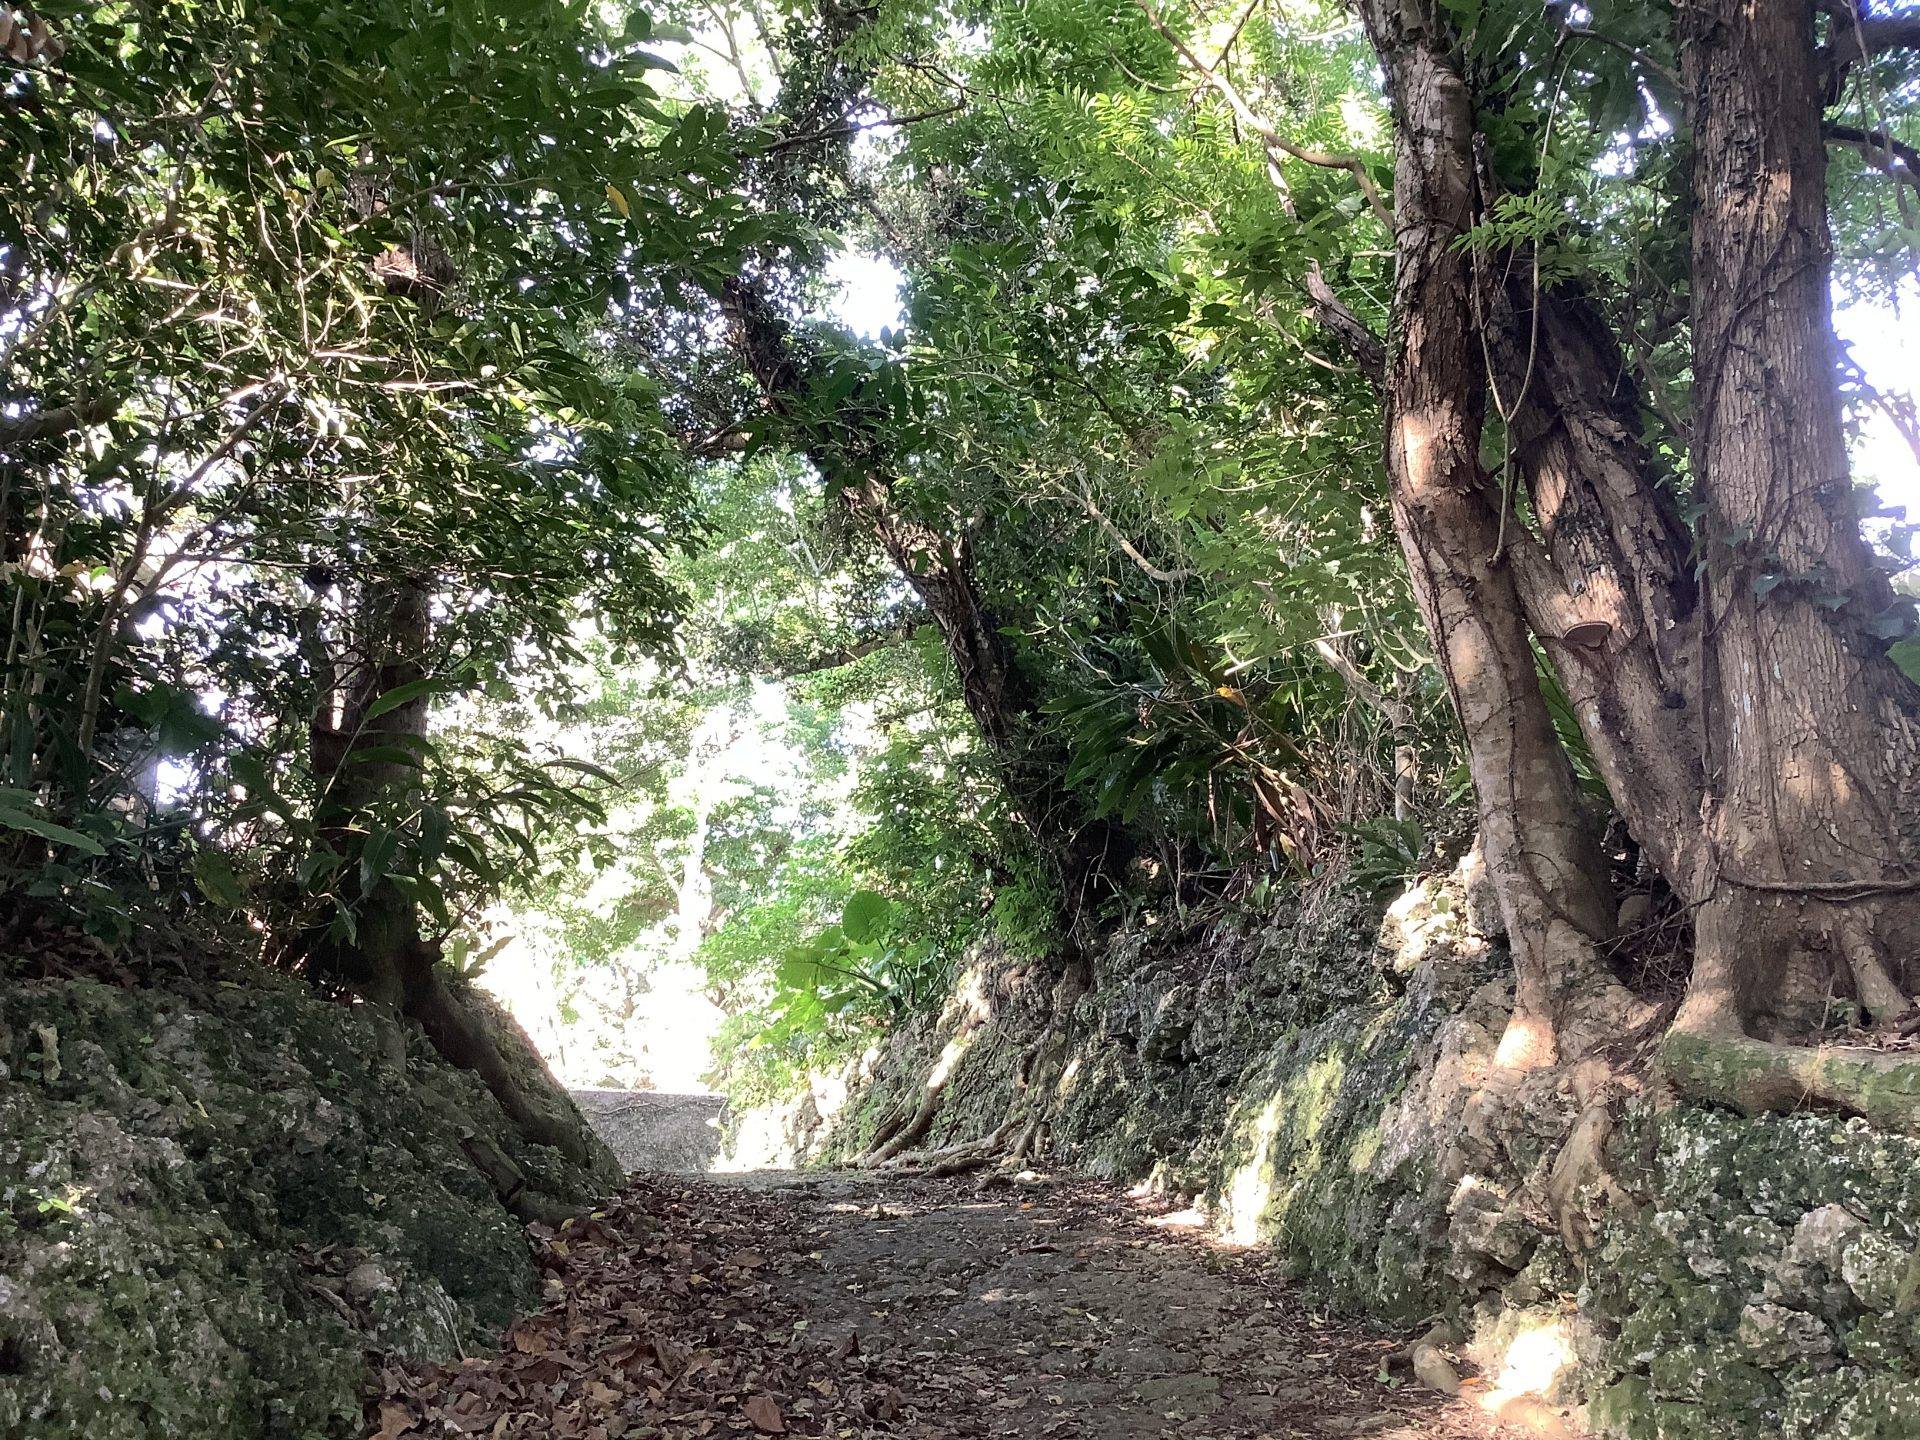 ヒジ川坂 安里川(金城川・かなぐしくがー)へ繋がる道